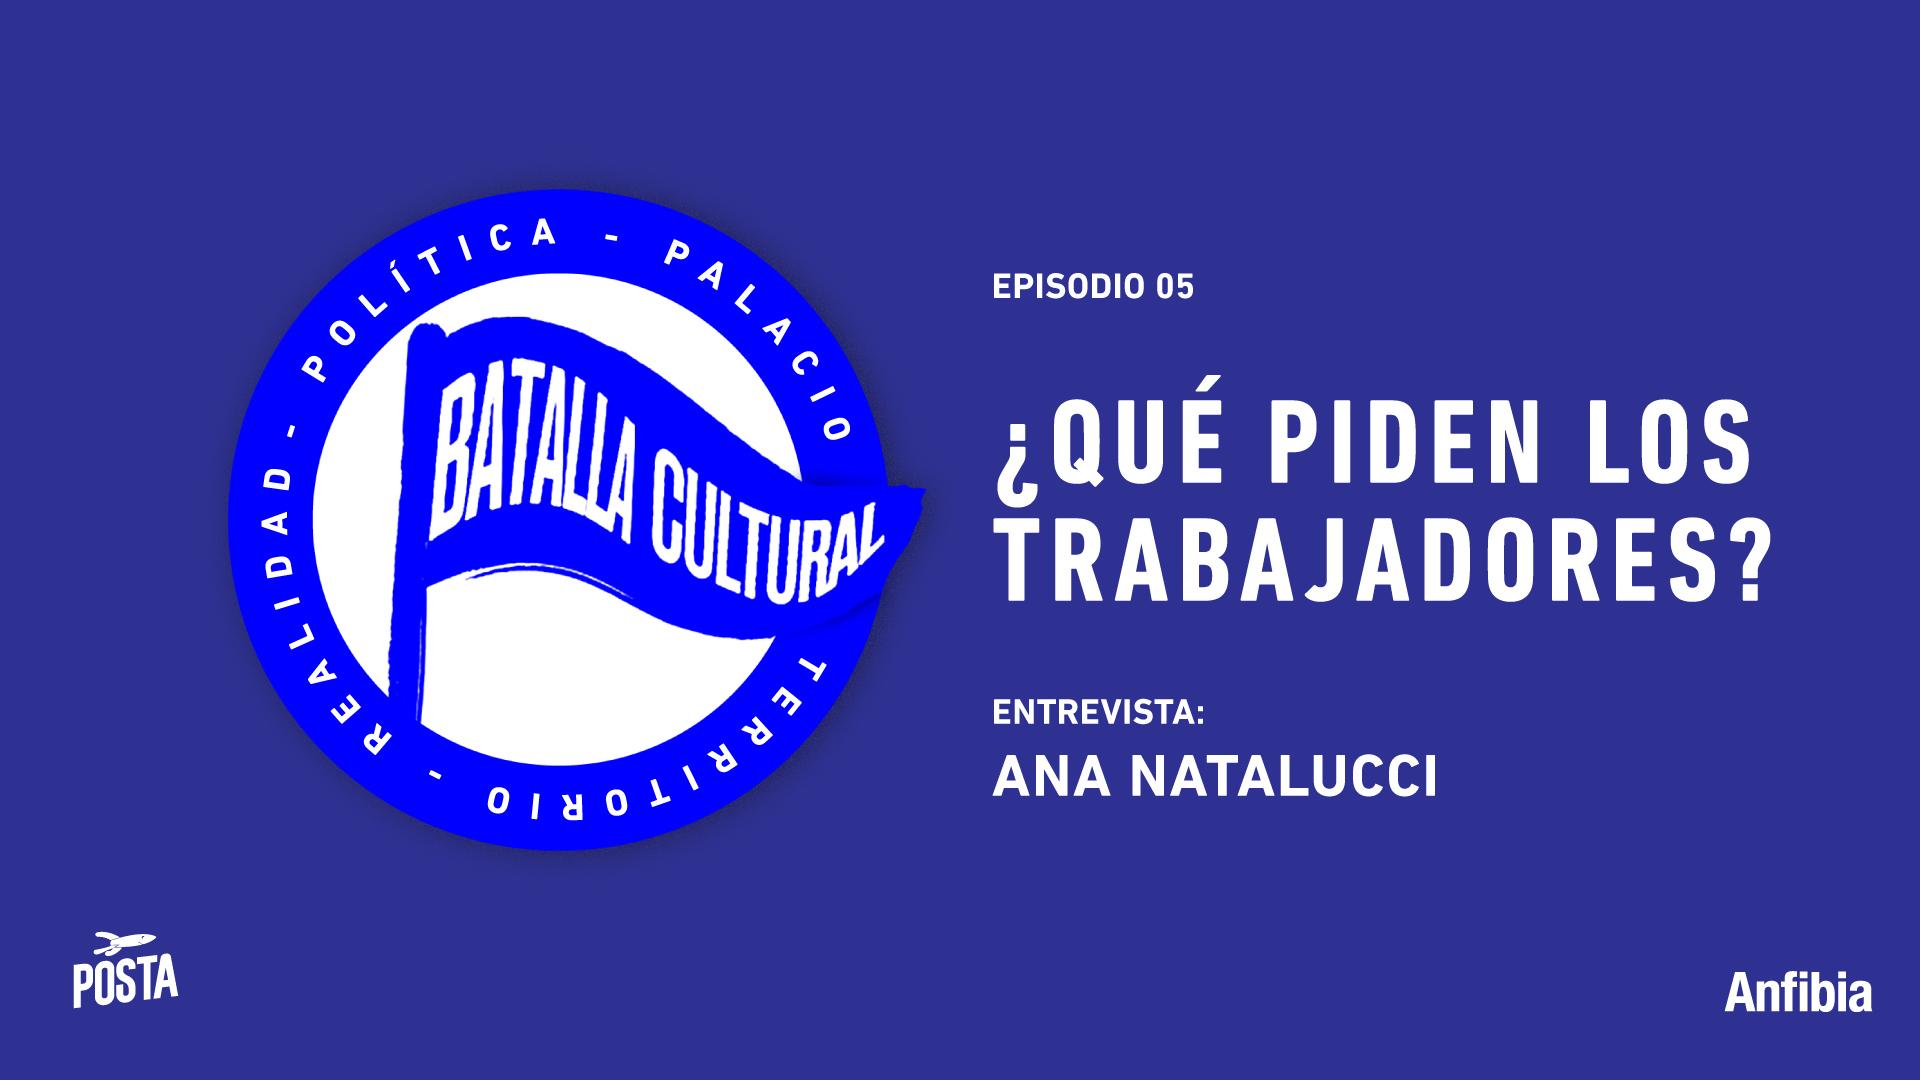 Batalla-Cultural_episodio_05_01